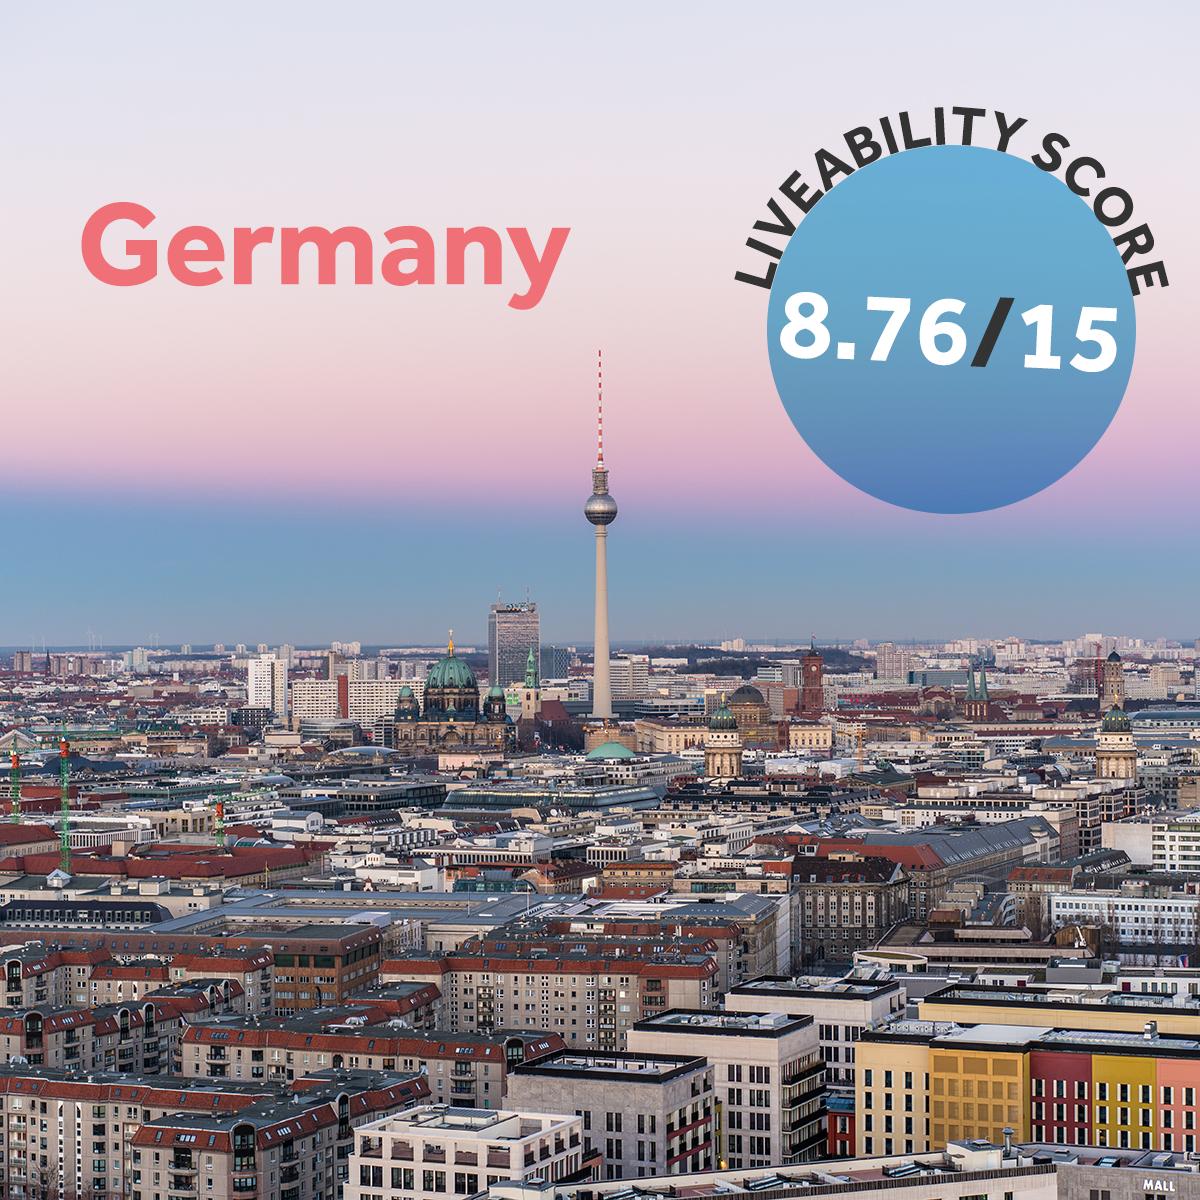 Germany UK Expat Index